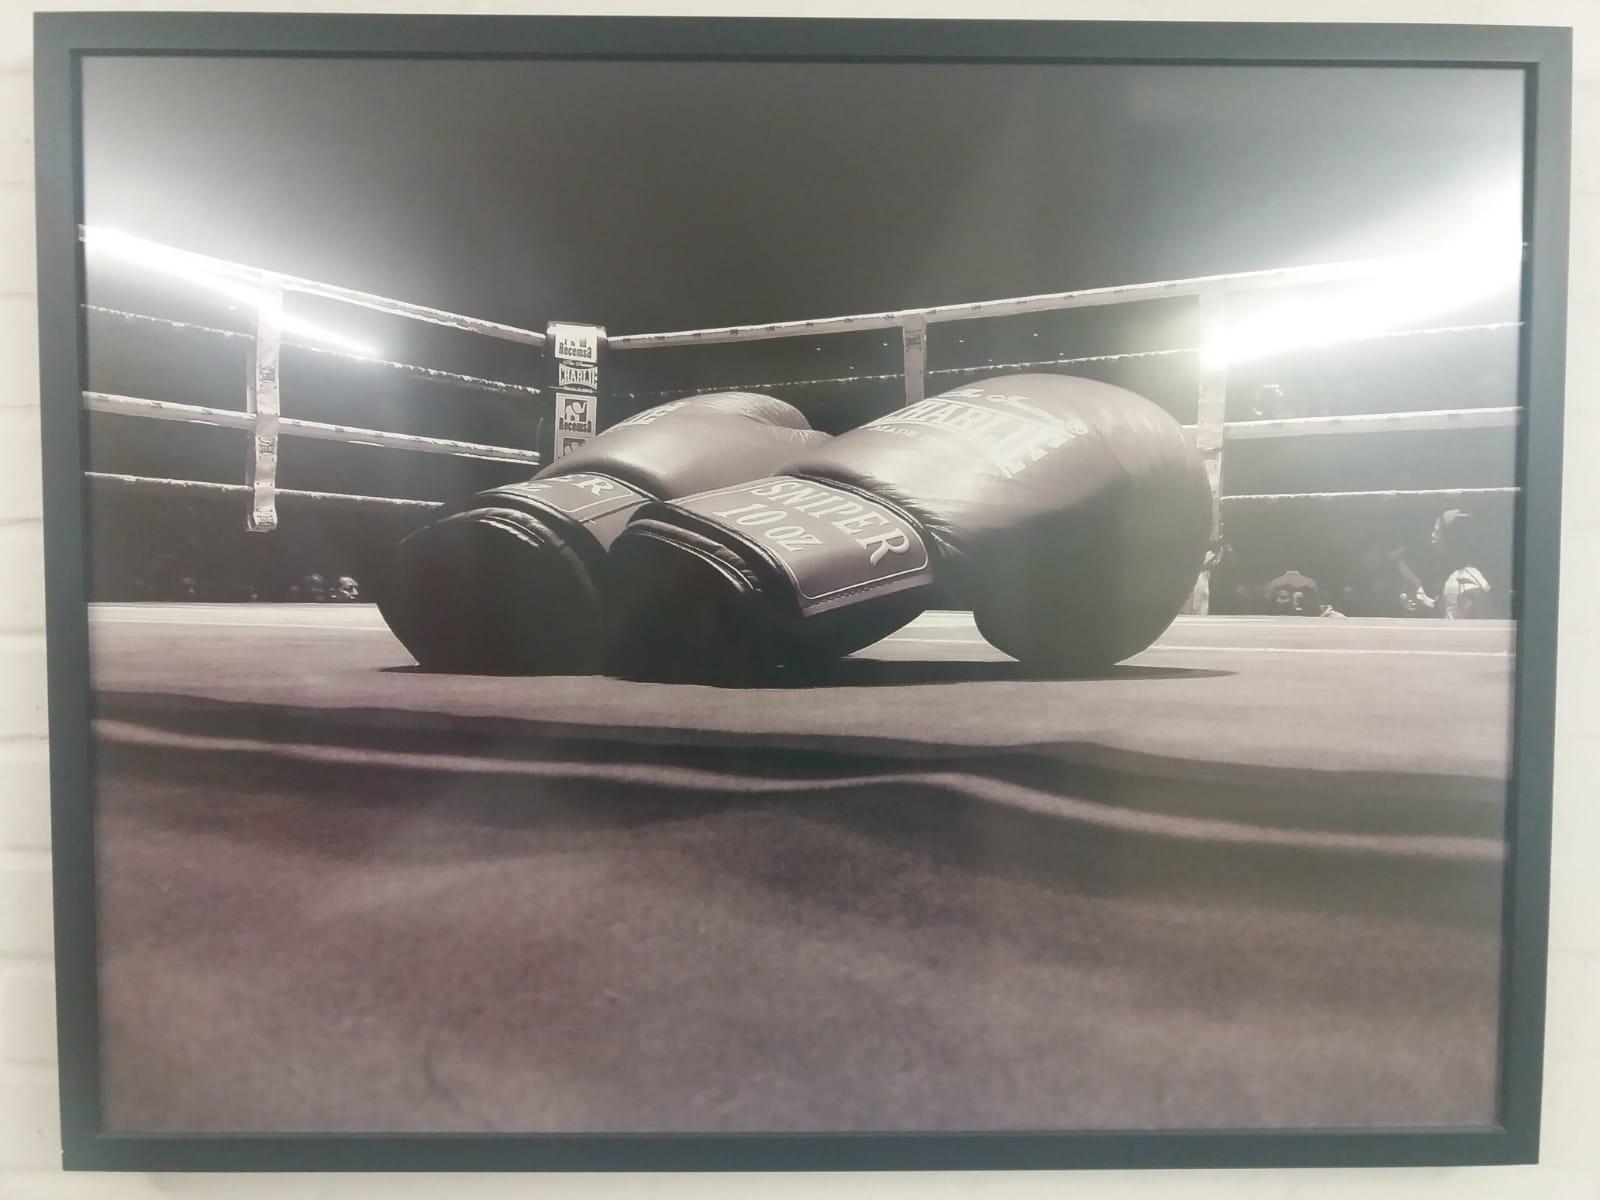 Una fotografía en la que salen unos guantes de boxeo sobre una lona de un ring